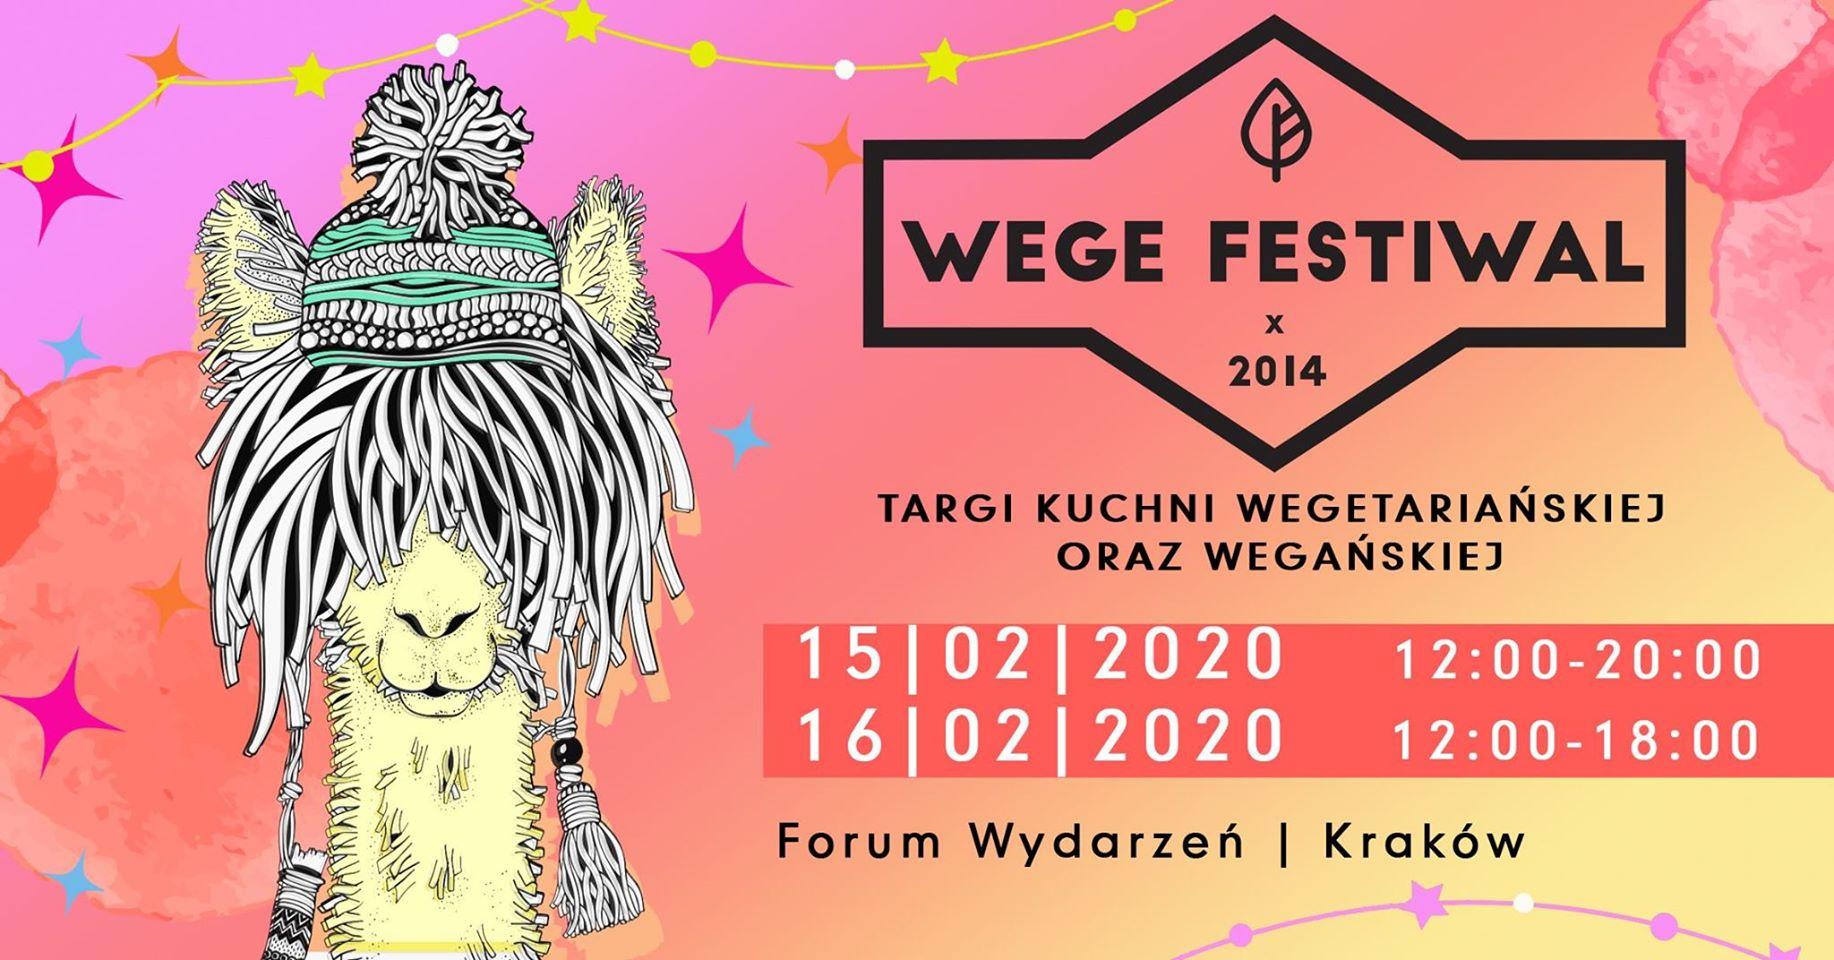 FORUM - Speed dating - szybkie randki Warszawa, fast dating